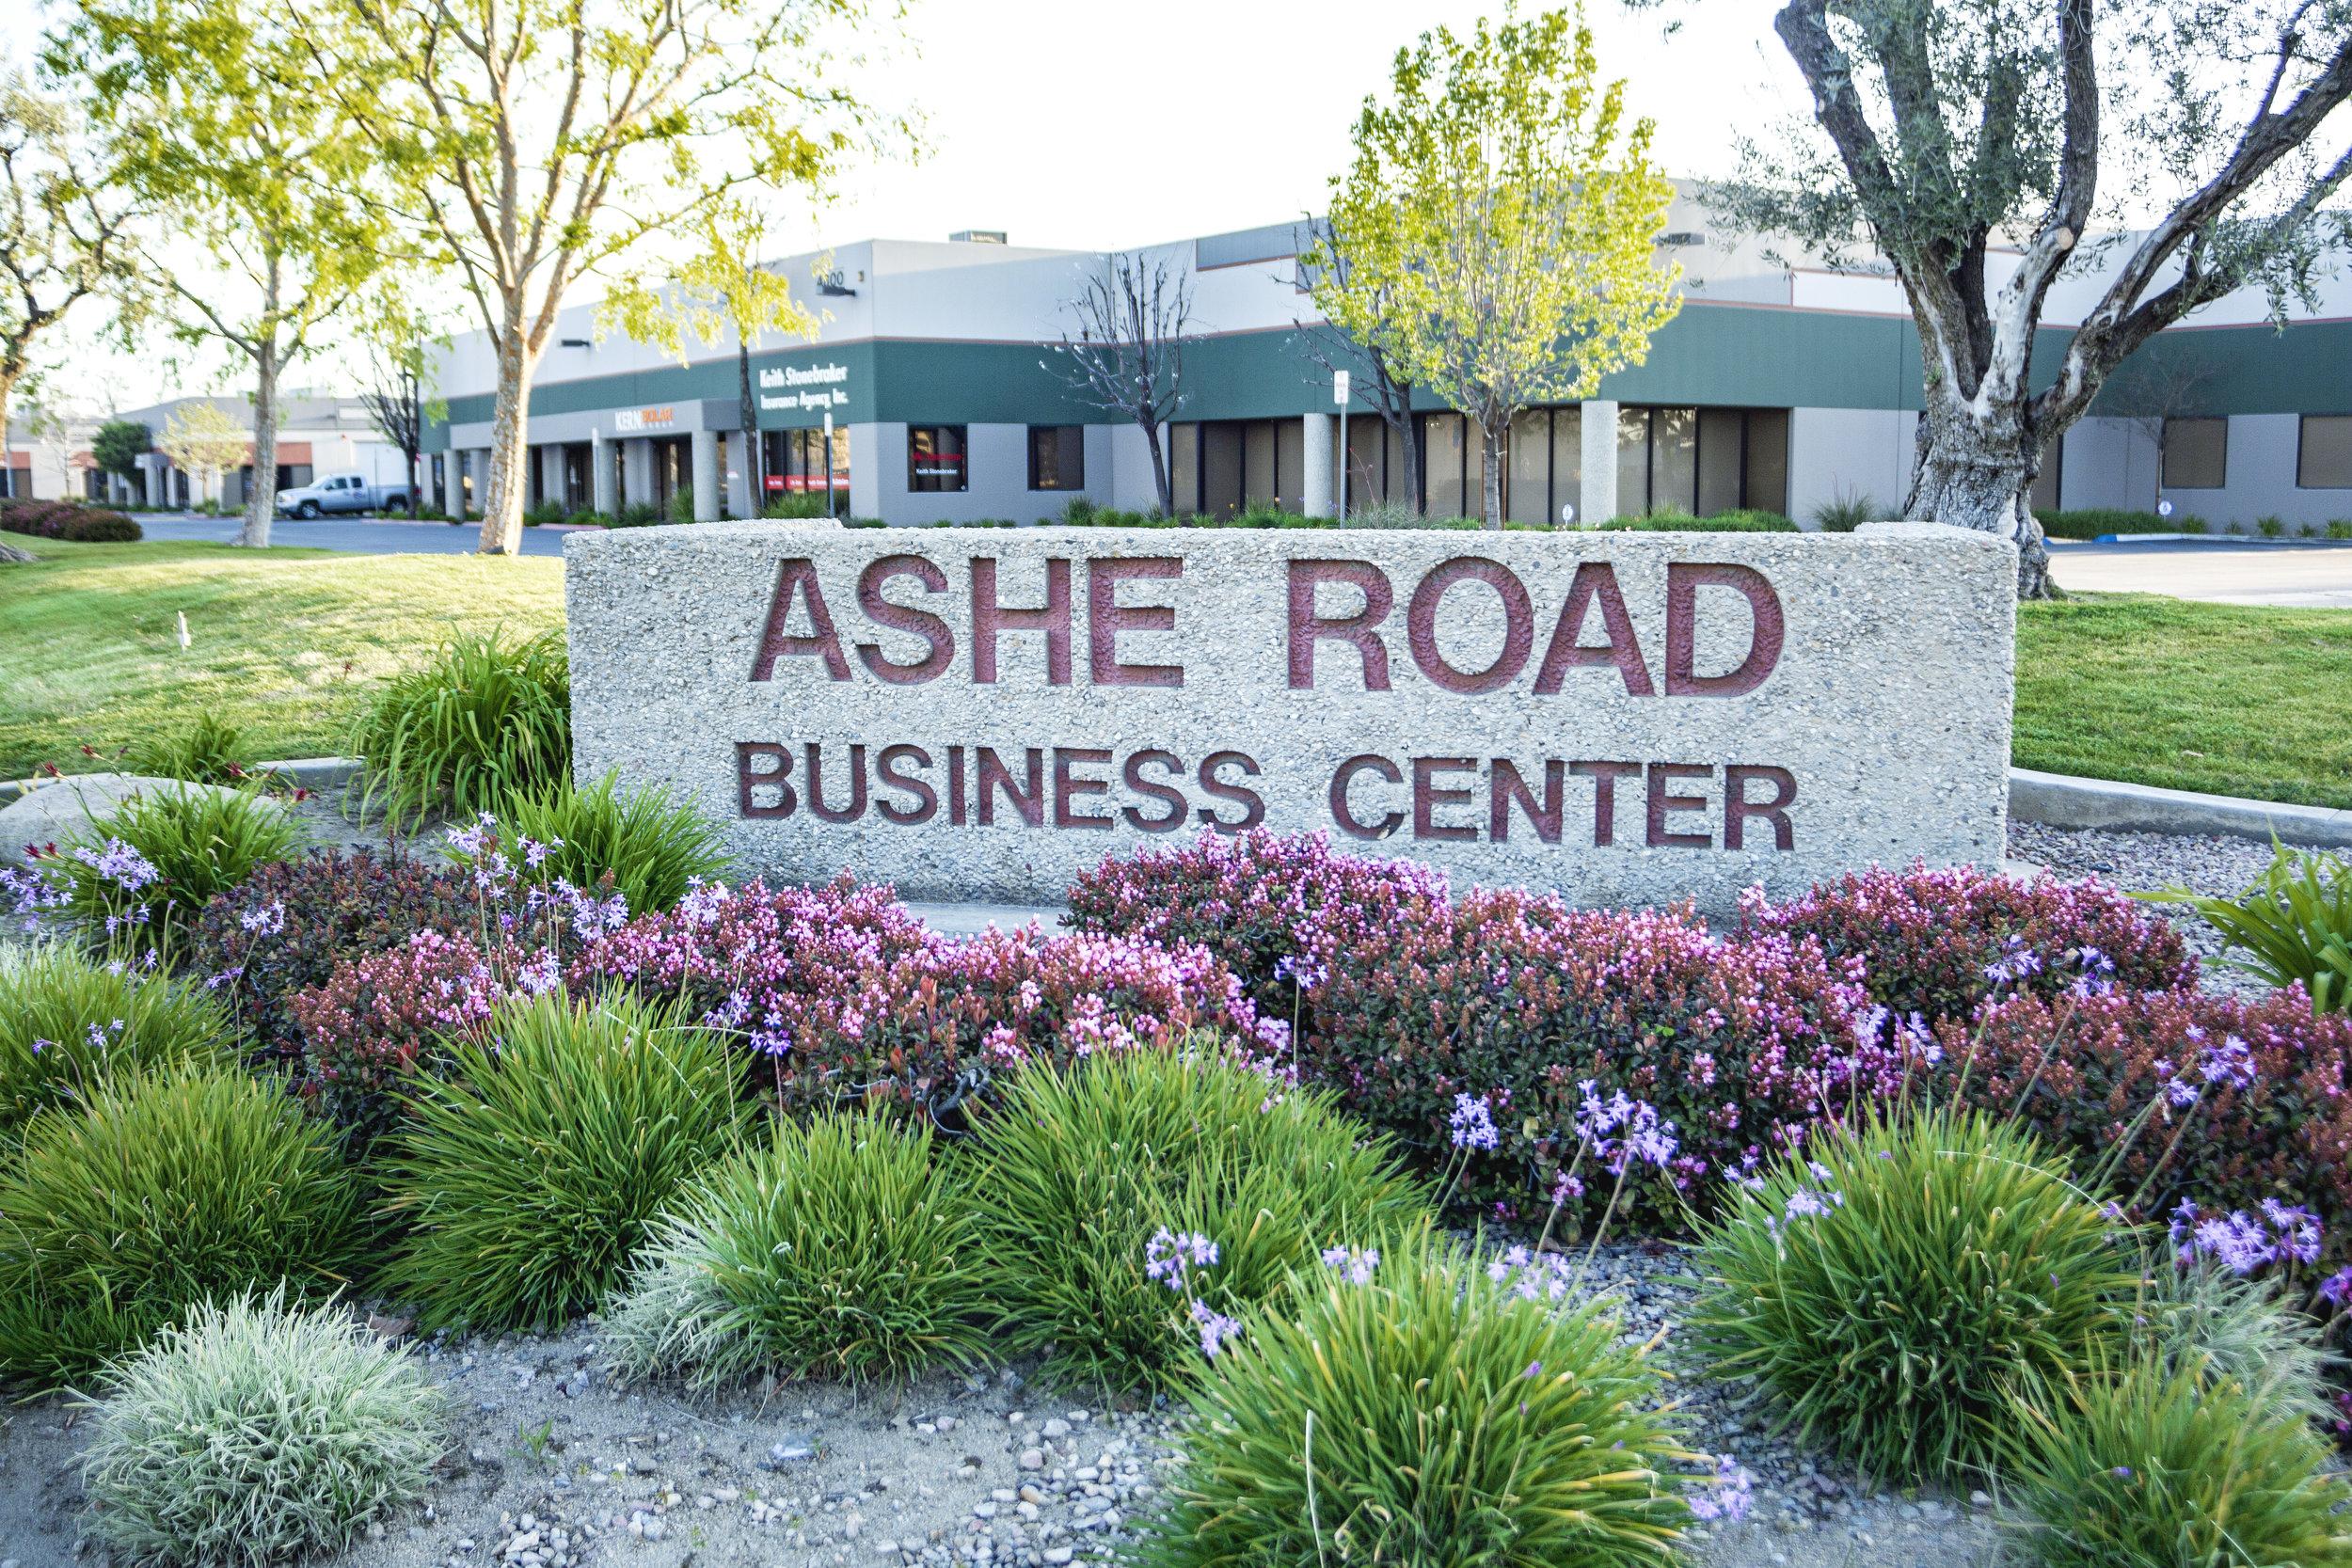 Ashe Road _19A2922.jpg